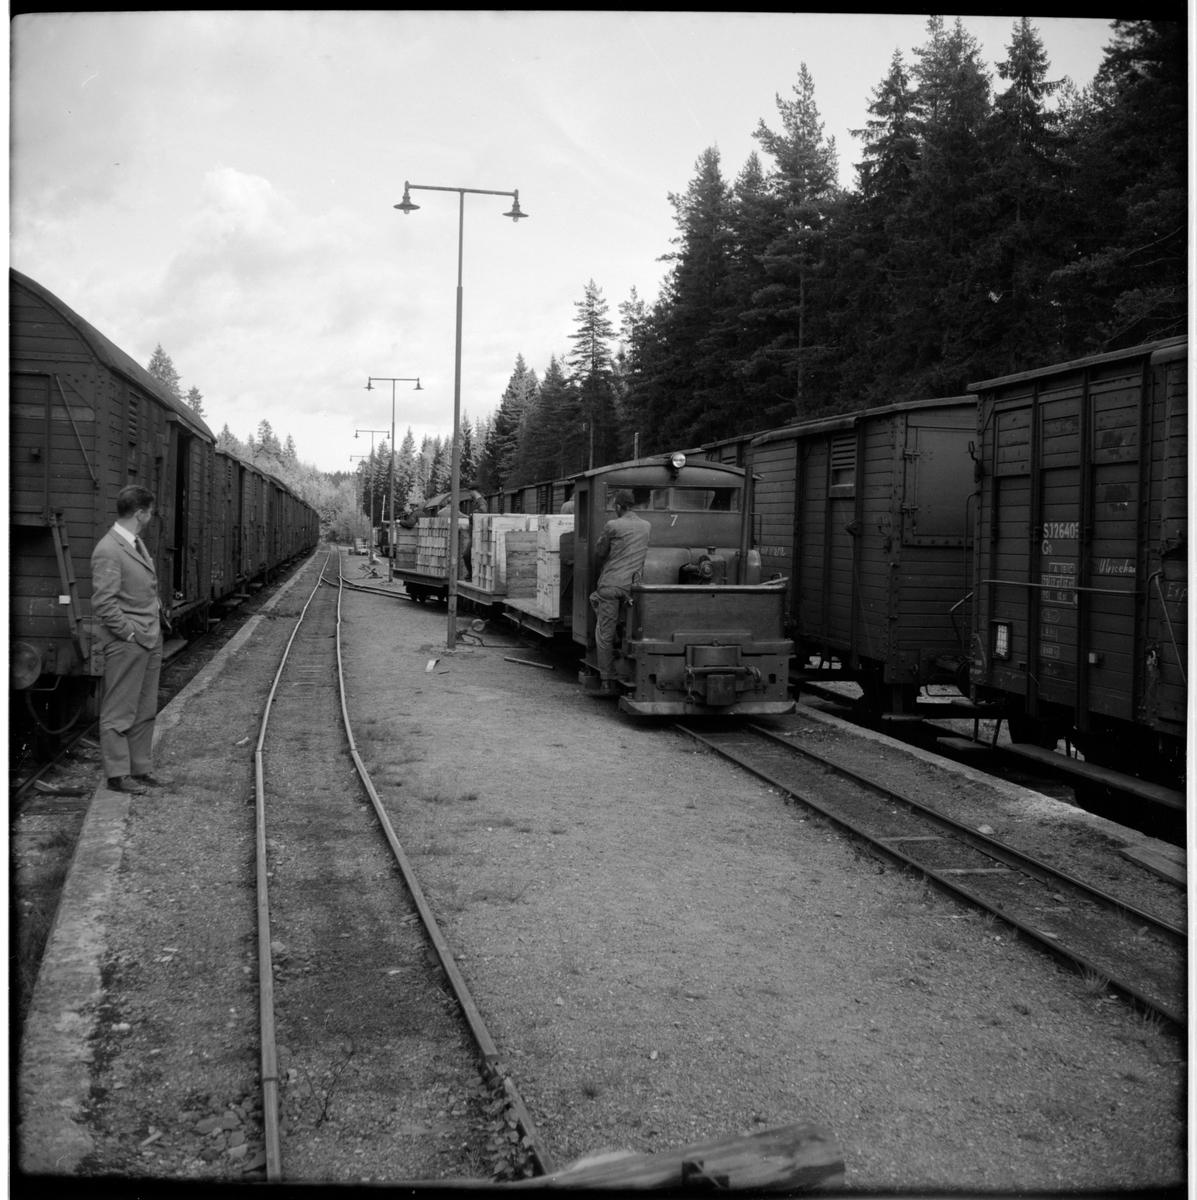 Lokomotor 7 för smalspår kopplad med tre lastade godsvagnar och personal på ekipaget. Statens Järnvägar, SJ Go26403 till vänster i bild.